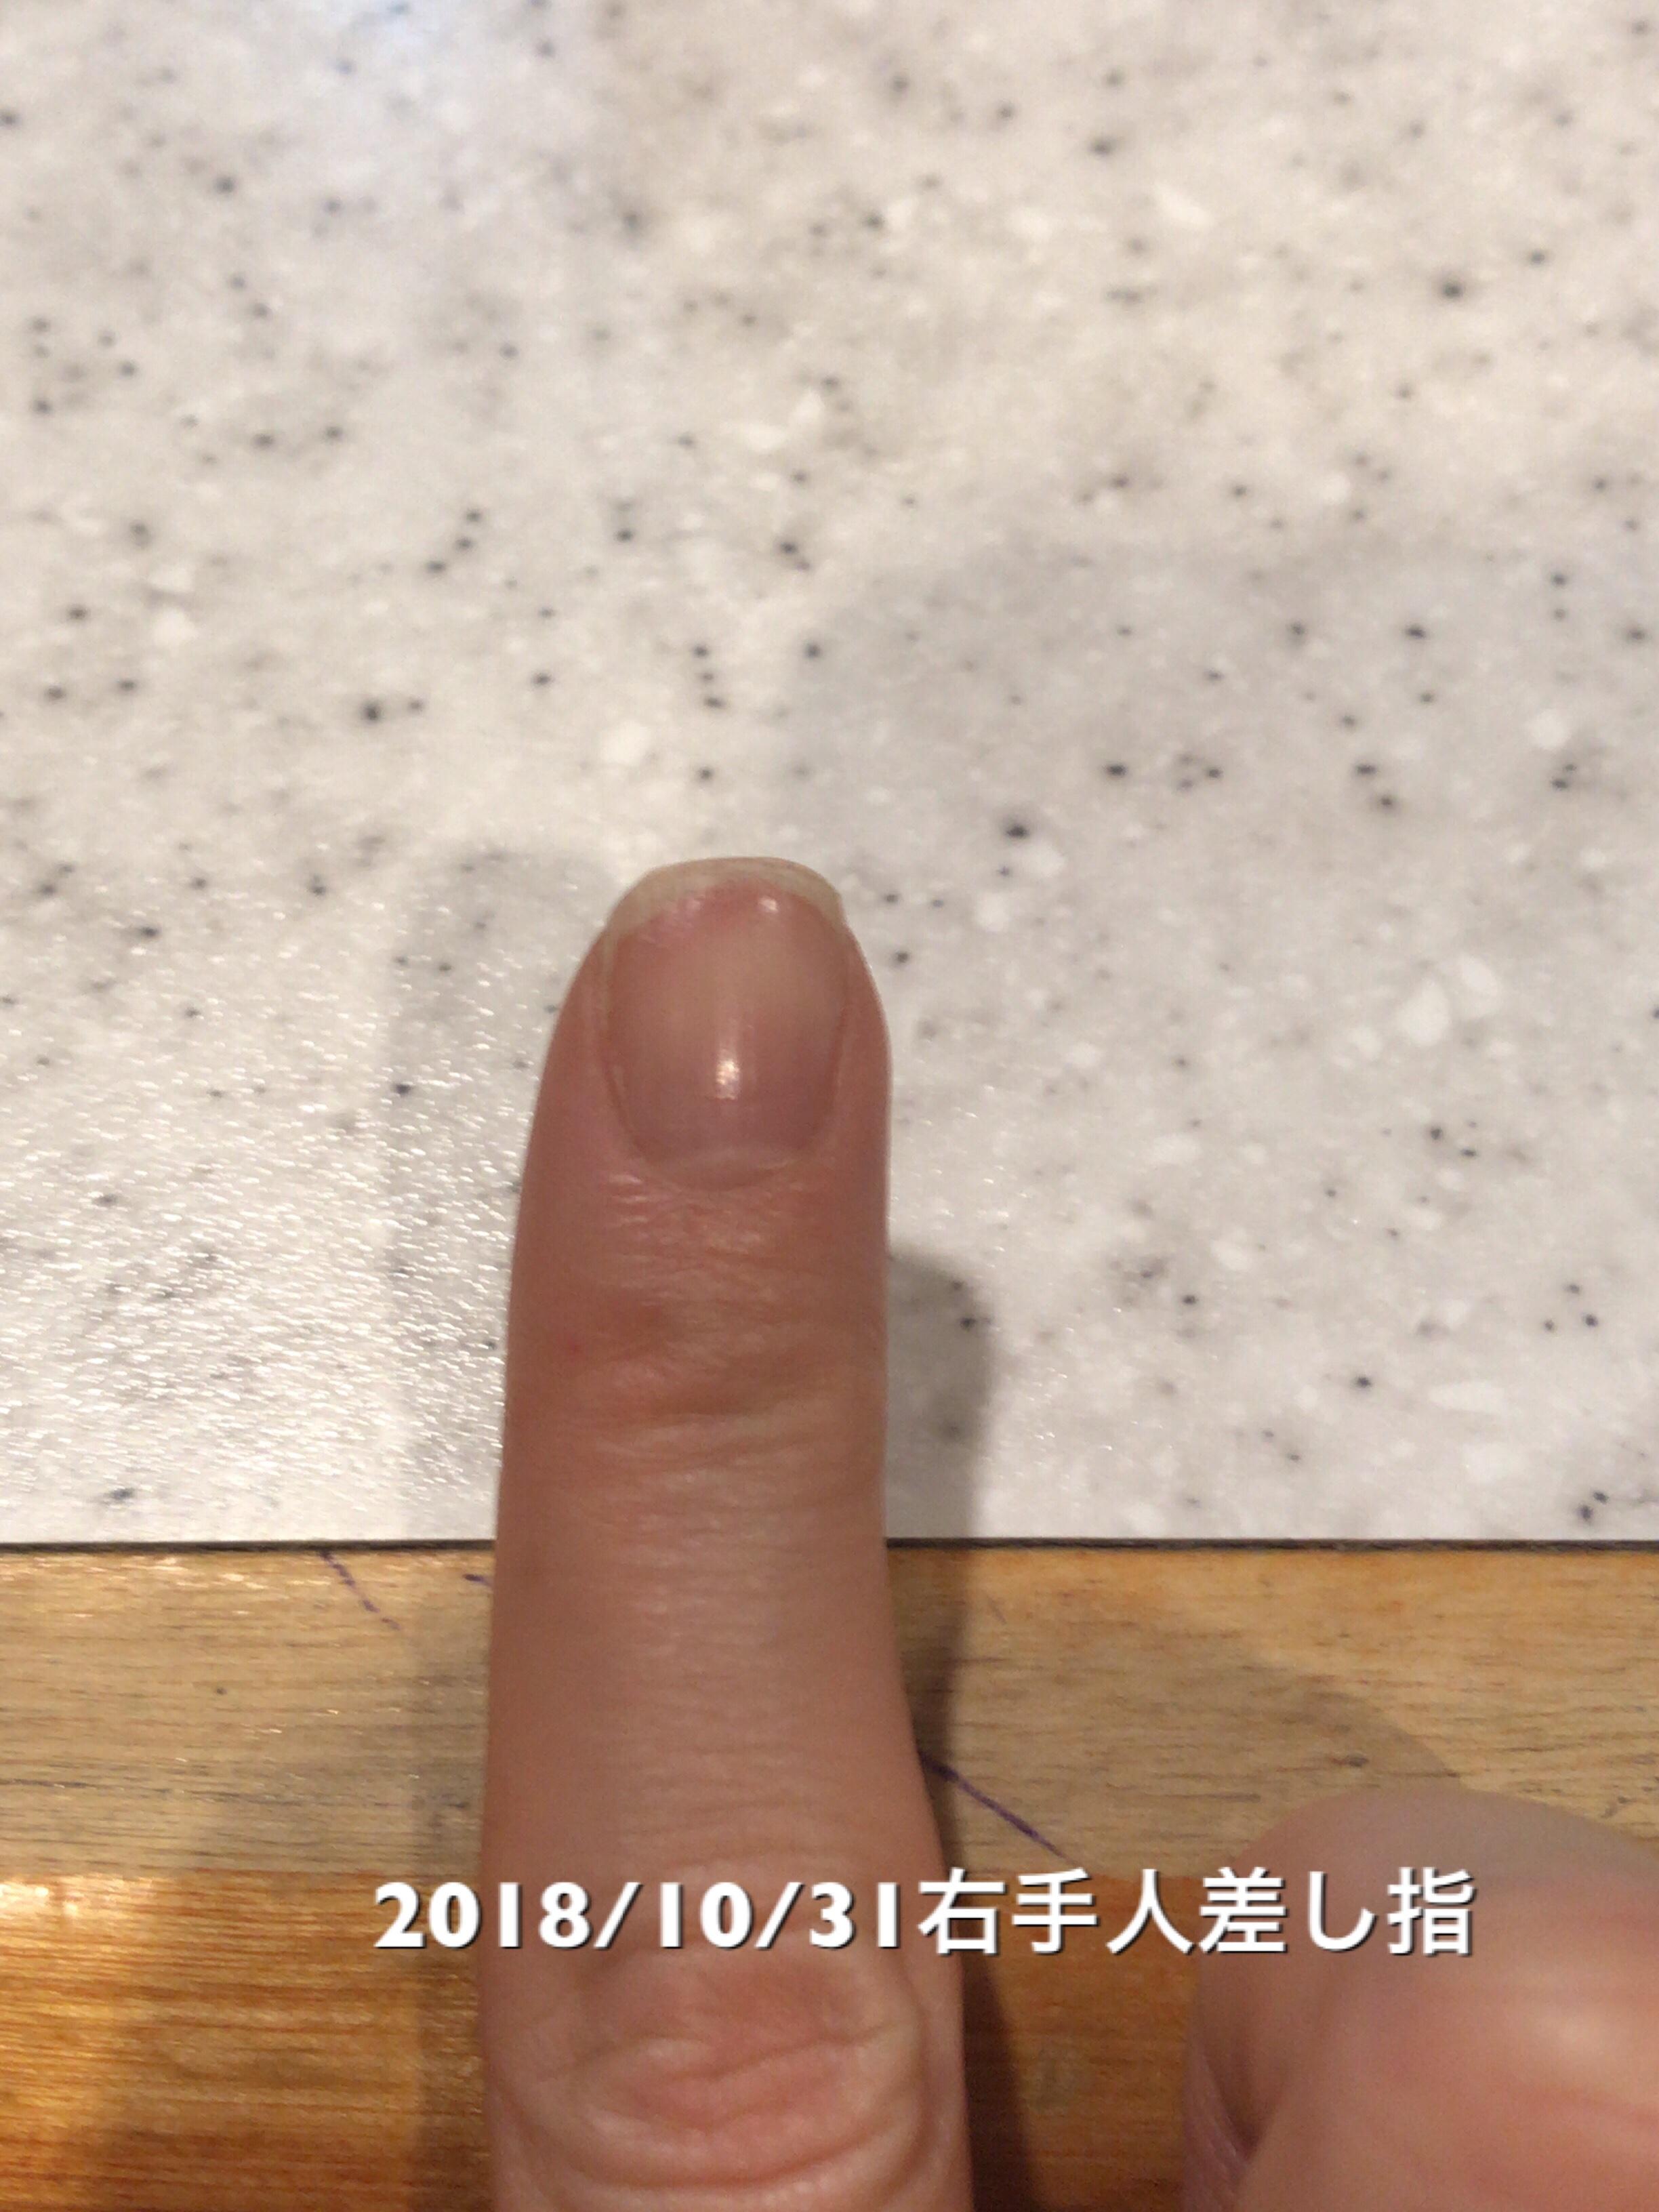 右手人差し指は、10日前と比べてネイルベッドの全長が1mm成長。よく使うのですぐ先が割れたりトラブル続きですが、めげずに頑張りたいところです。